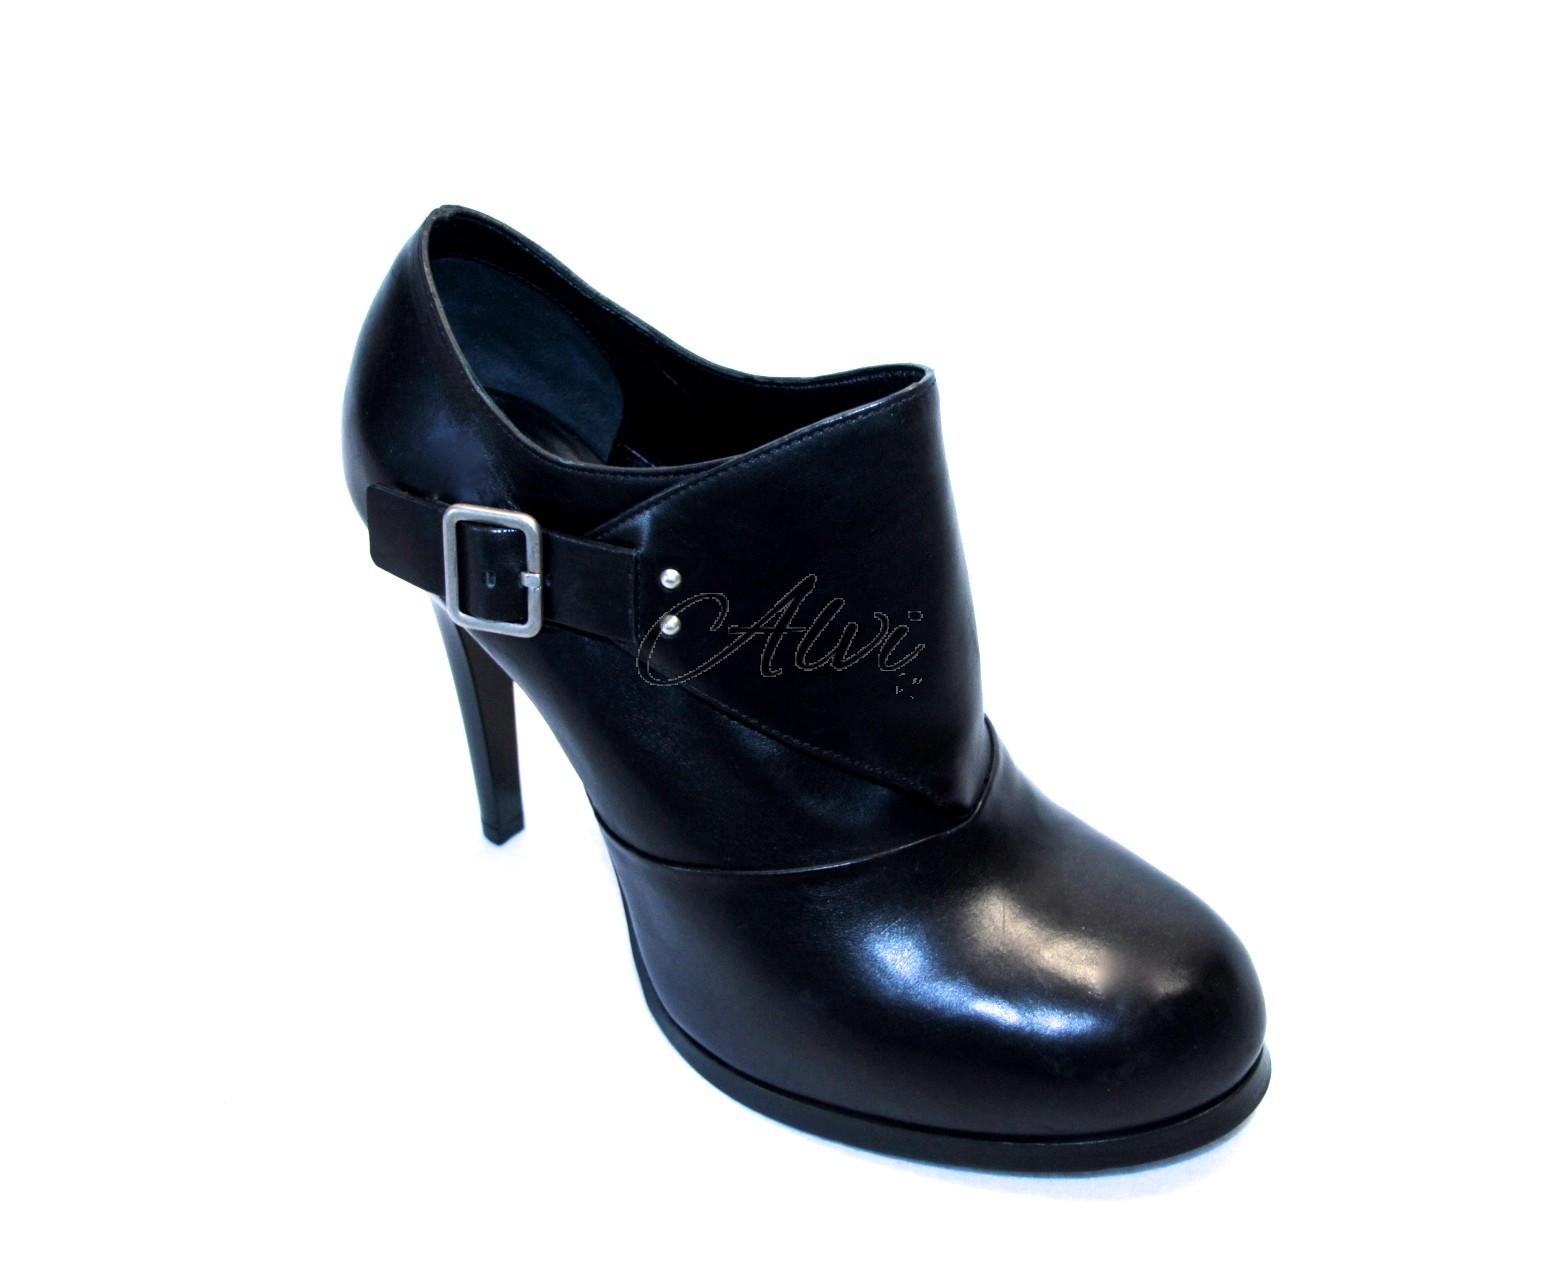 Tronchetti sopra la caviglia - come abbinarli? 6 modi per ...